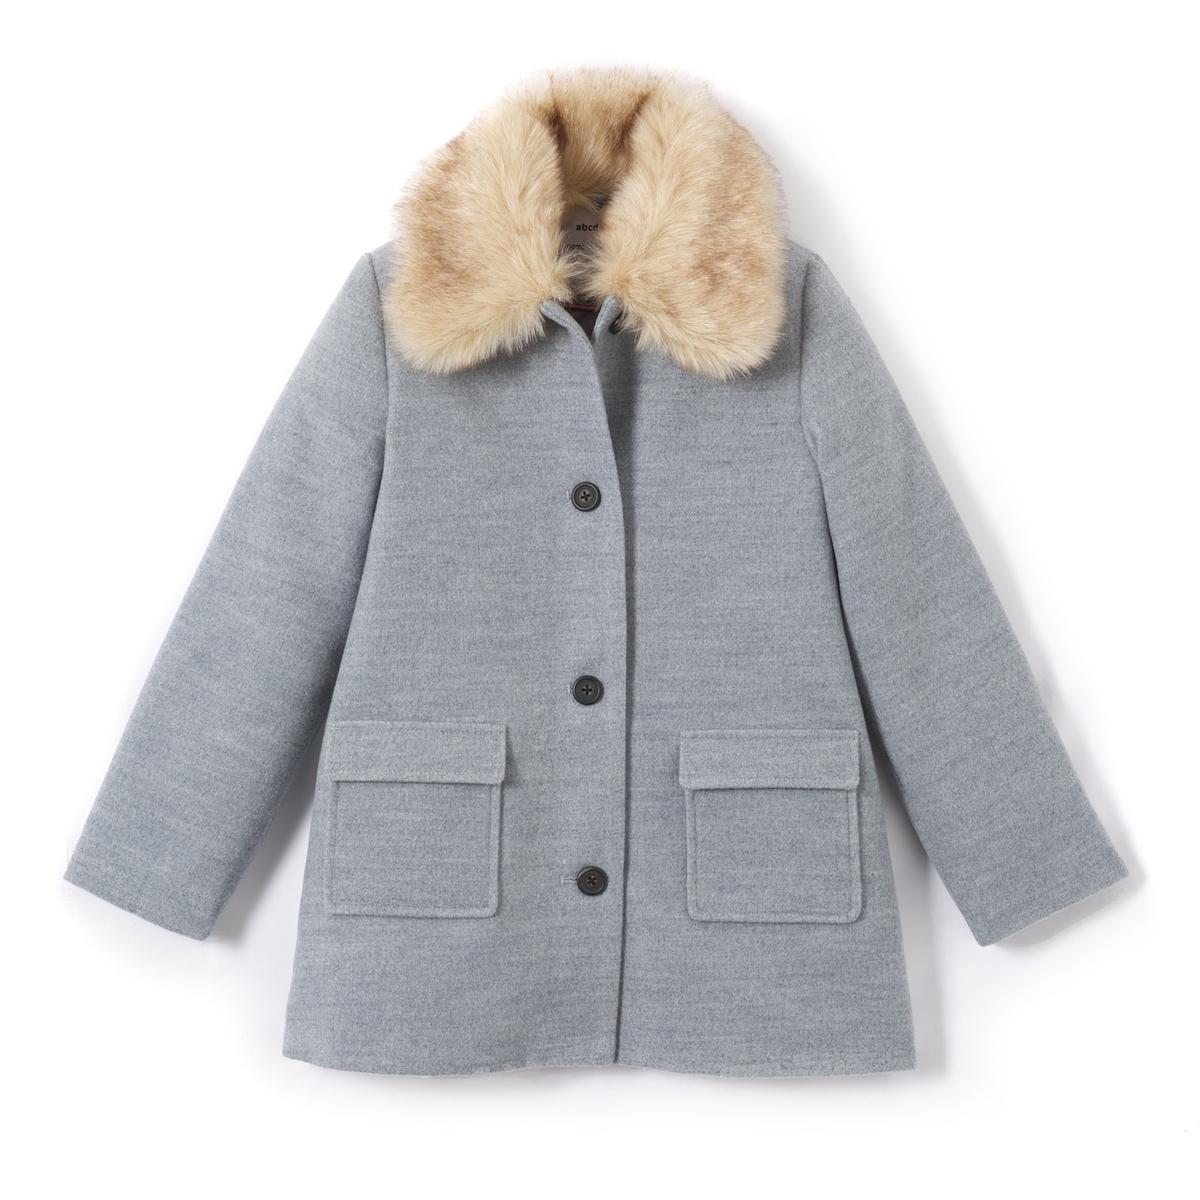 Пальто с воротником из искусственного меха, 3-12 лет